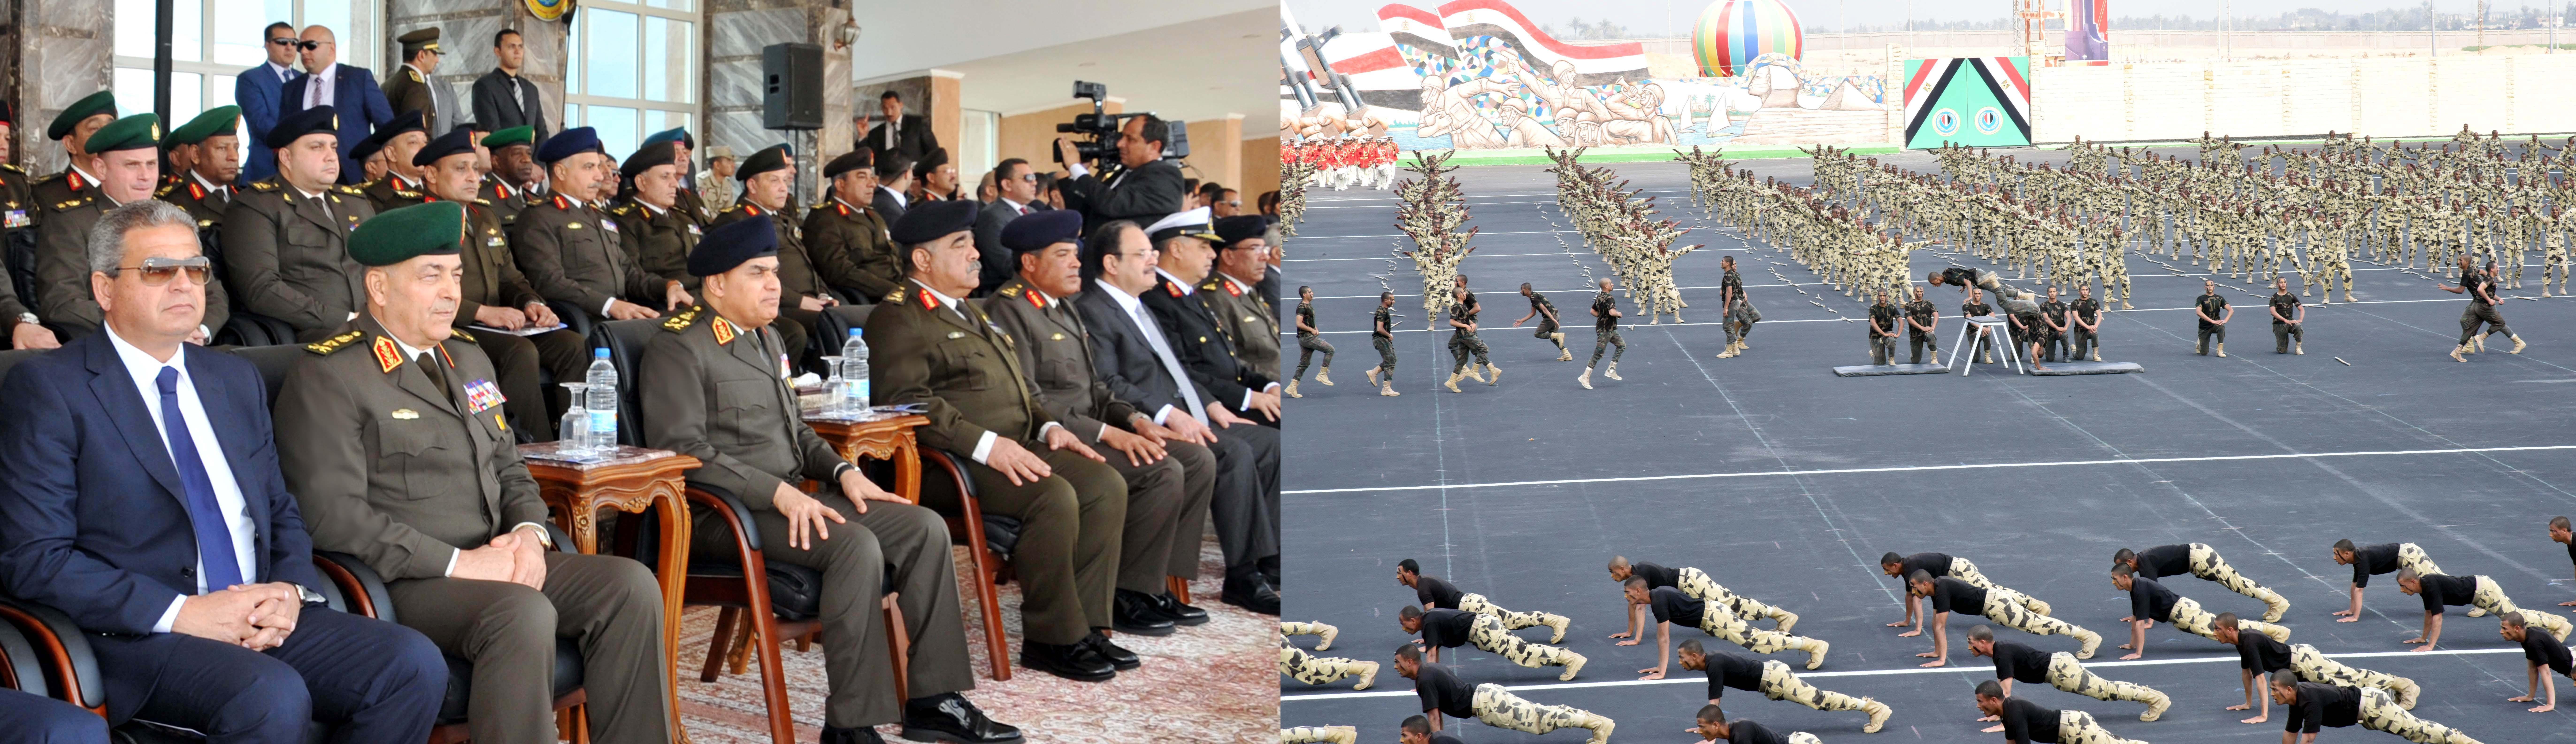 القائد العام يشهد تخريج دفعة جديدة من صف الضباط